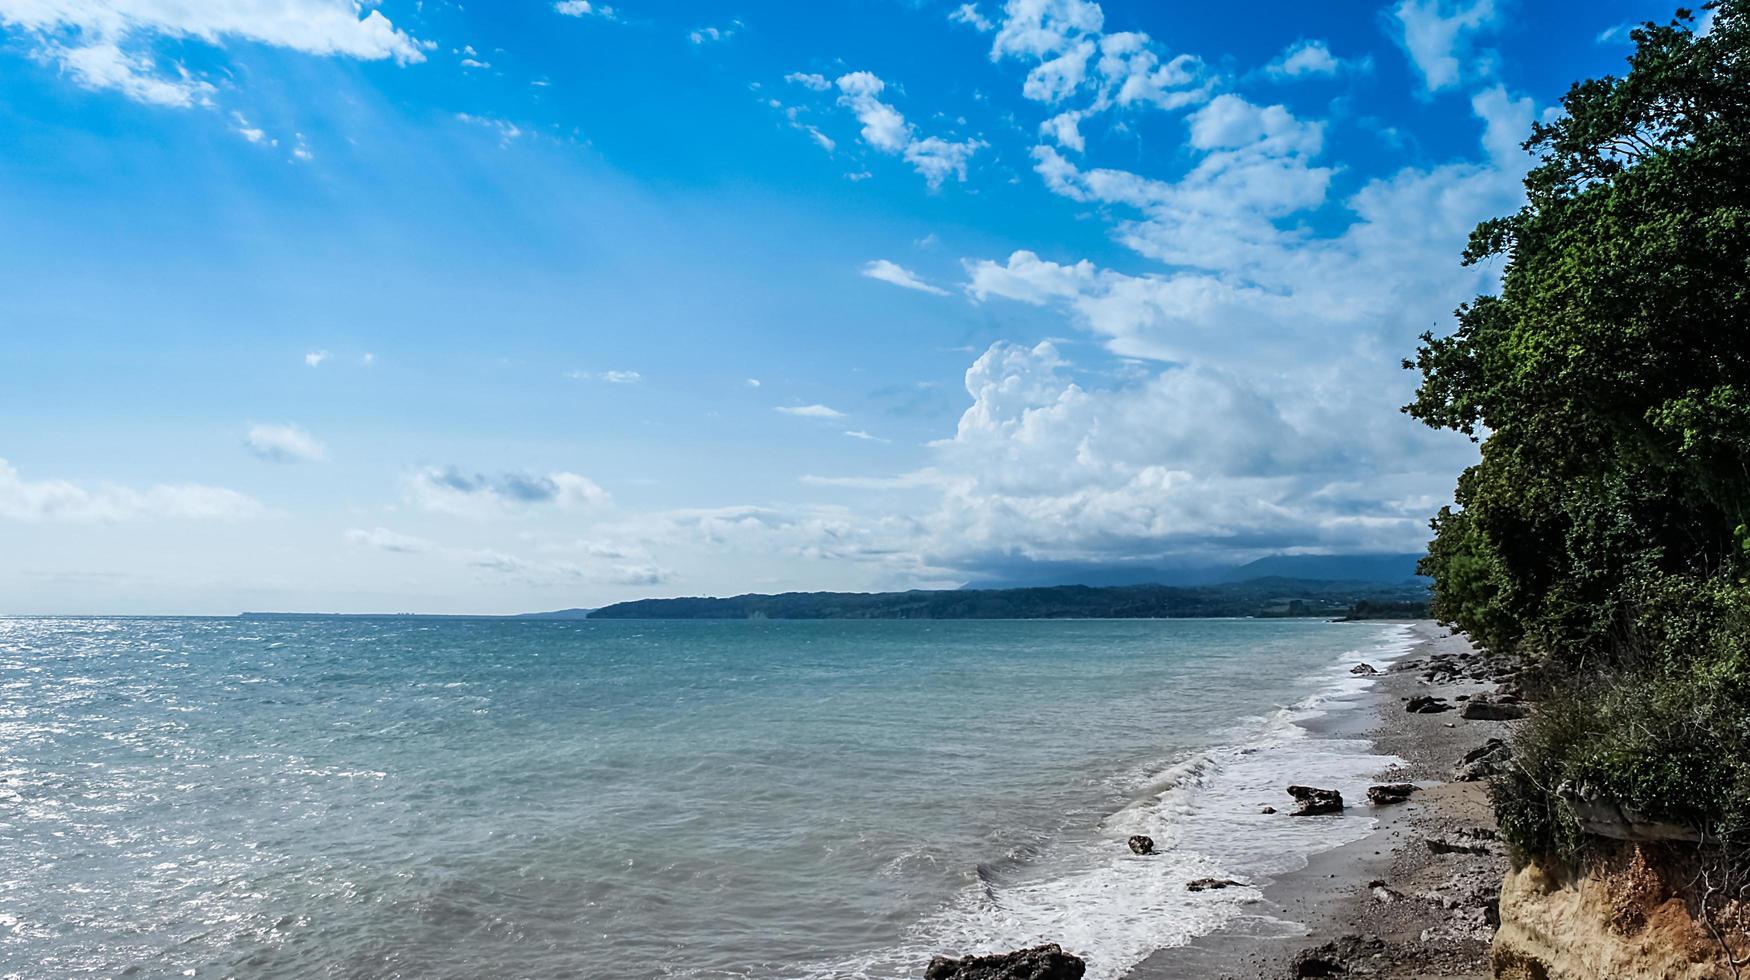 paysage marin avec une plage de galets en abkhazie photo